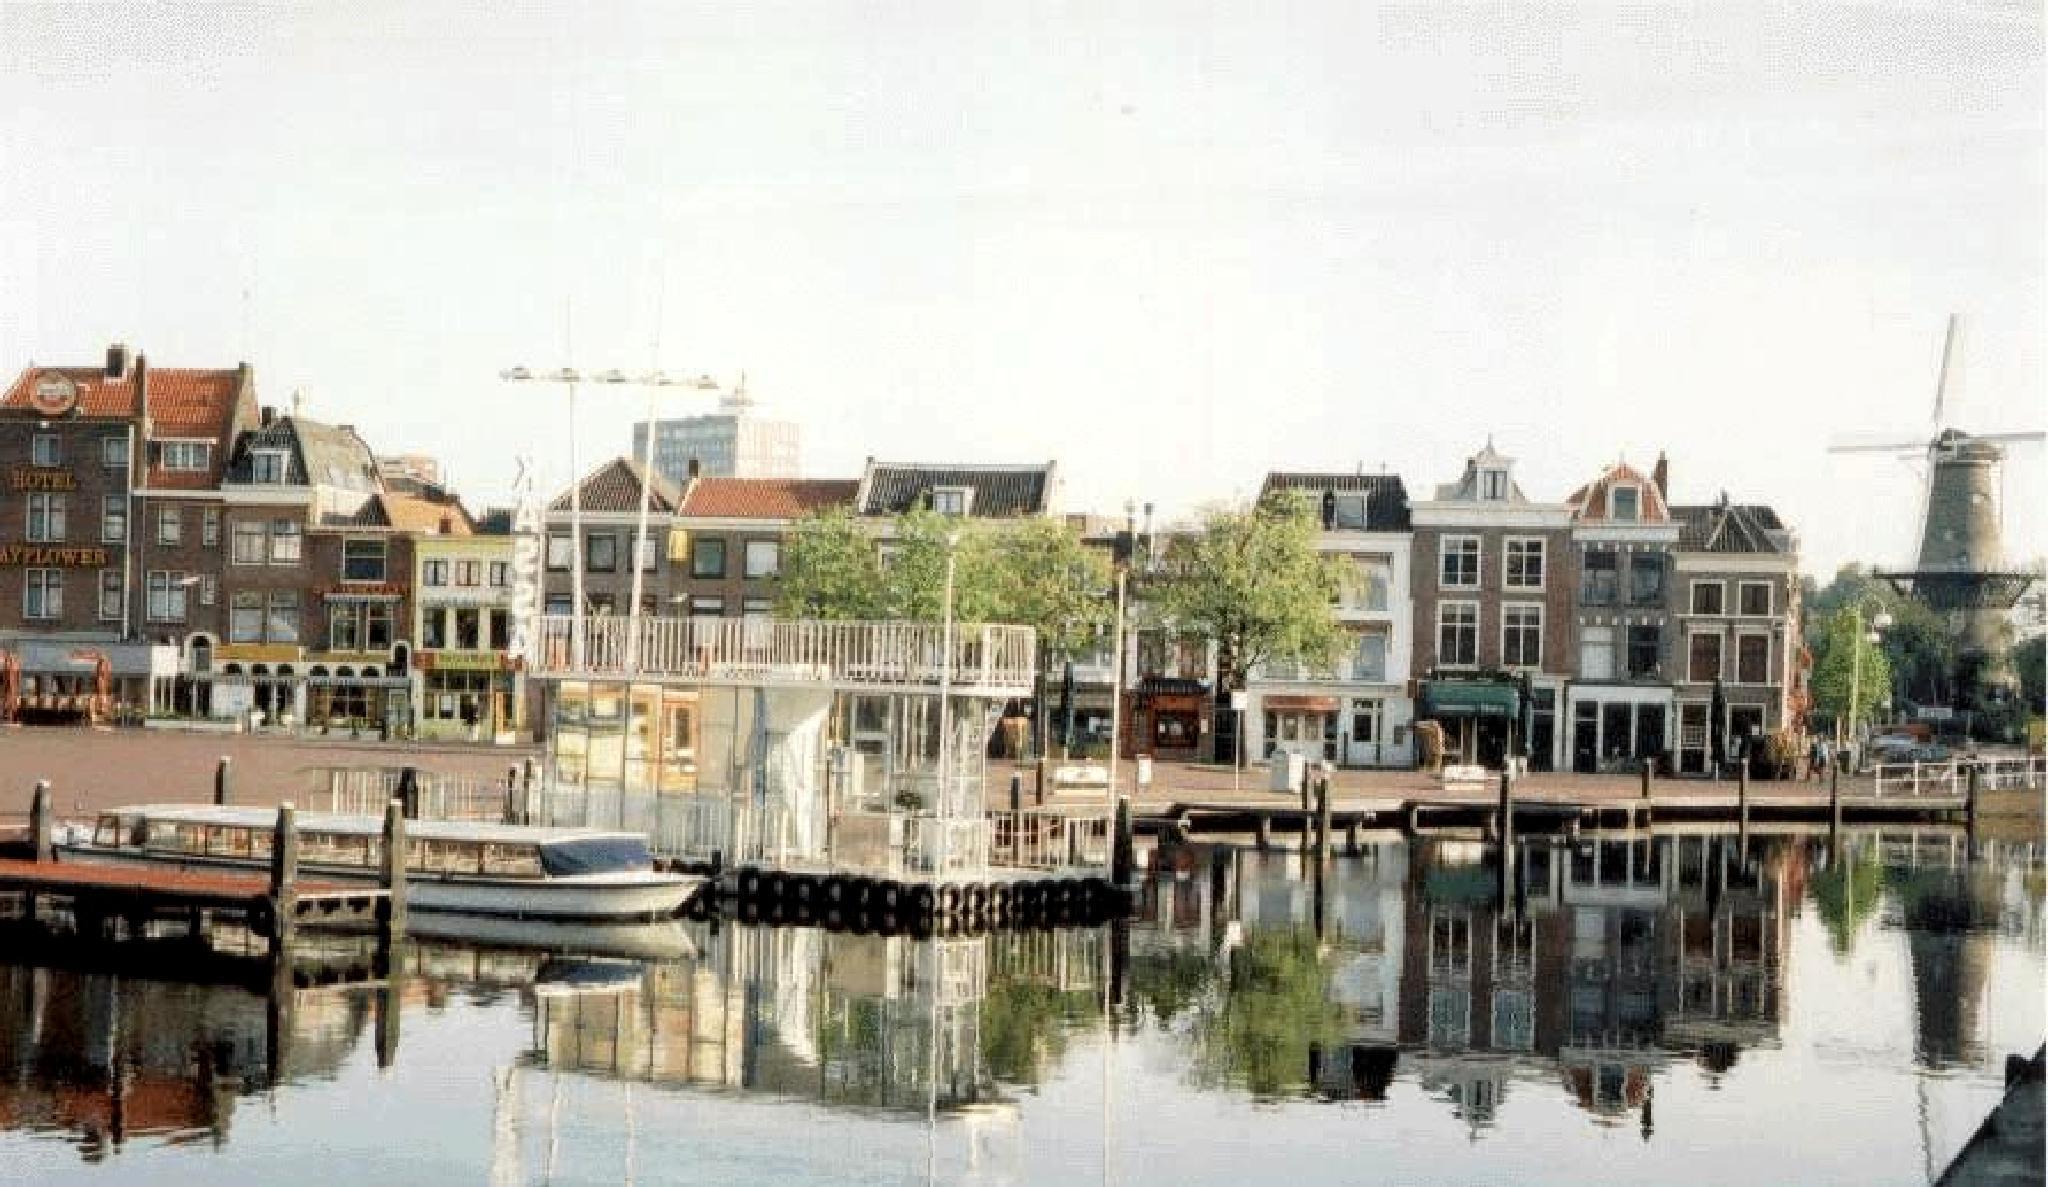 Holland by Jaime Cantu